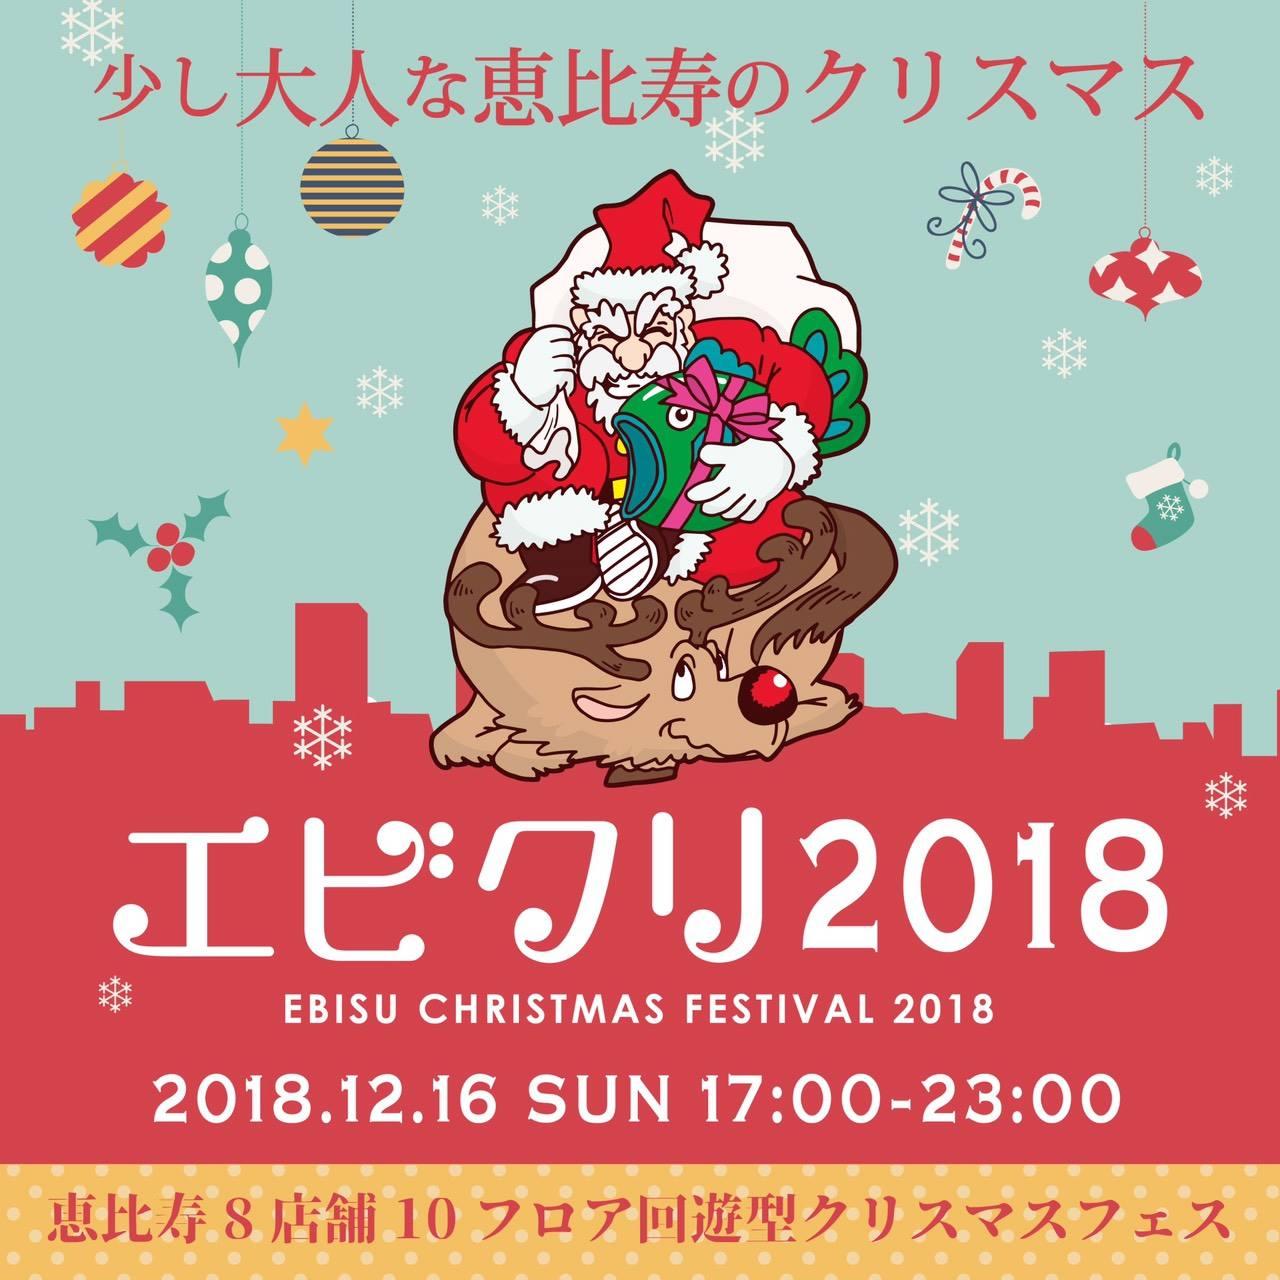 ちょっと大人なクリスマスサーキット「エビクリ2018」